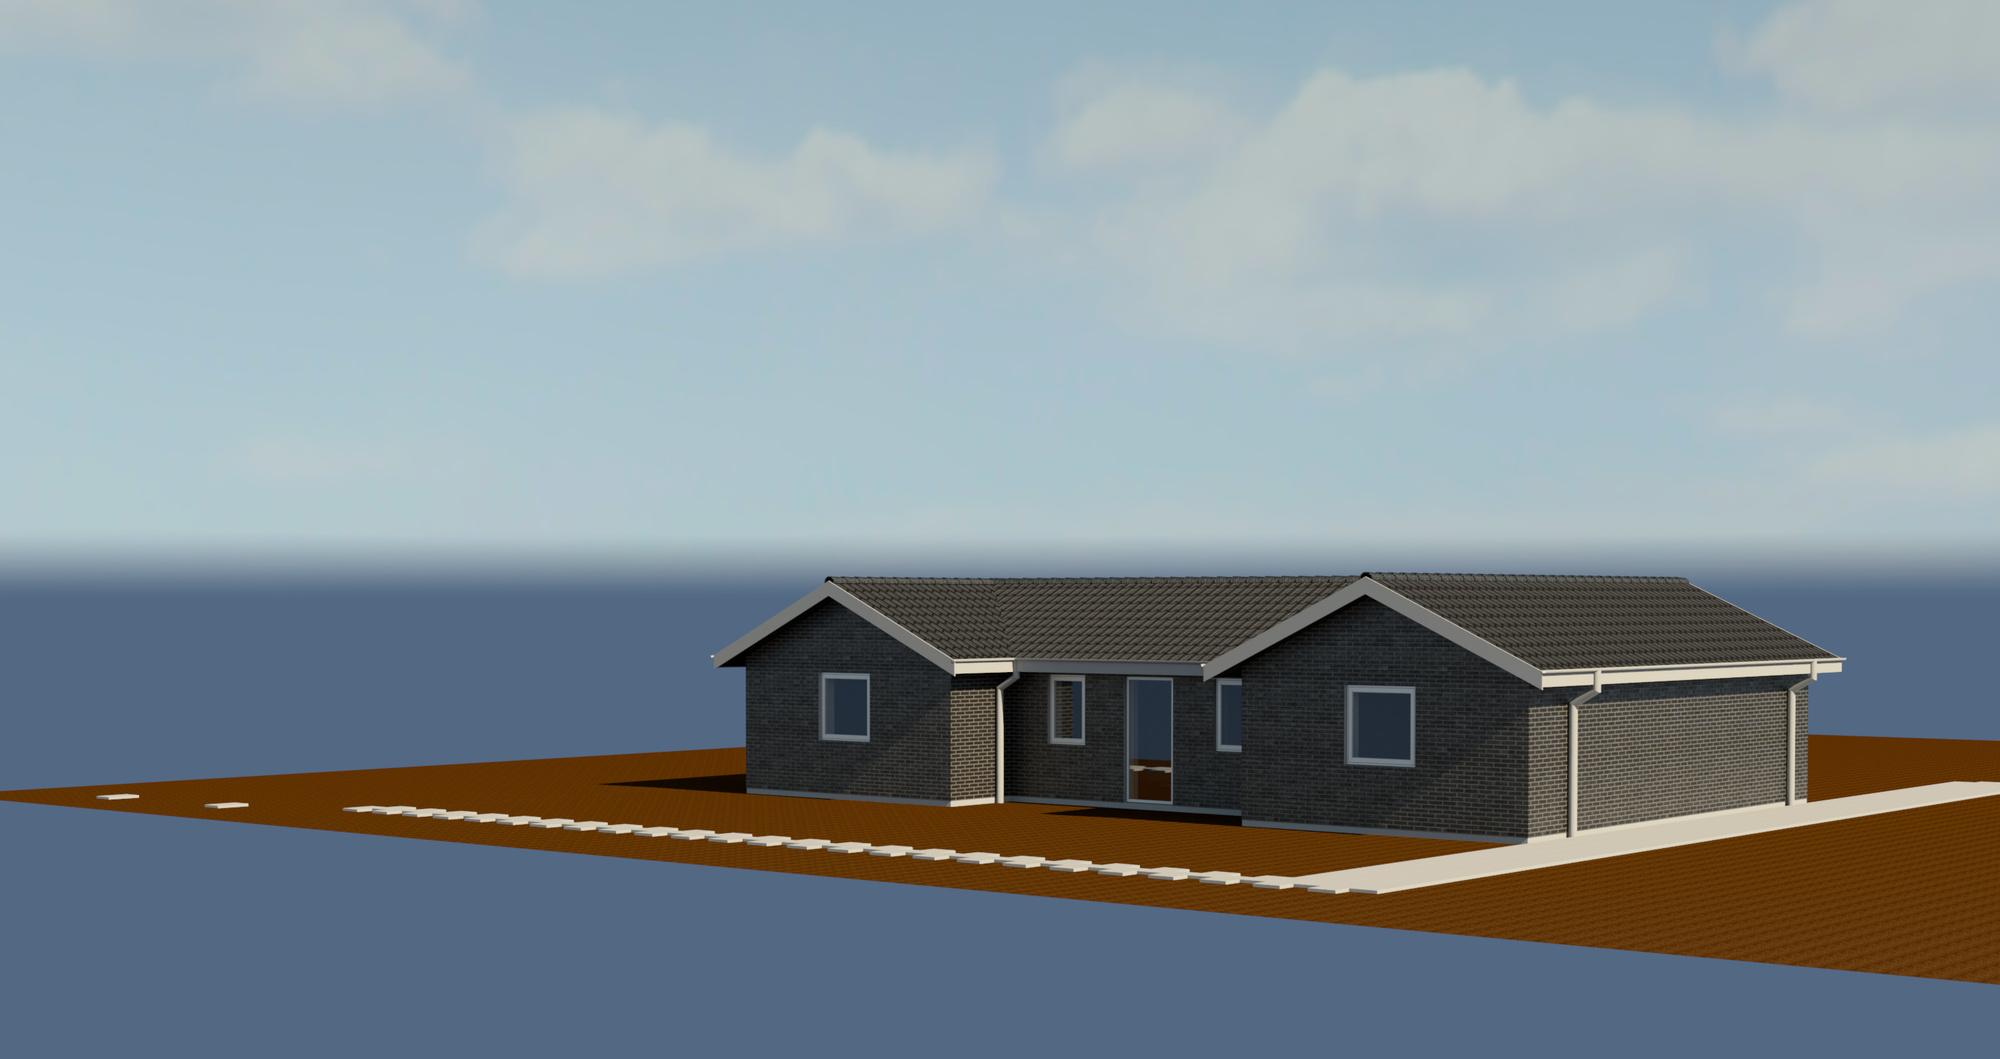 Raas-rendering20150323-18878-zxl1lg